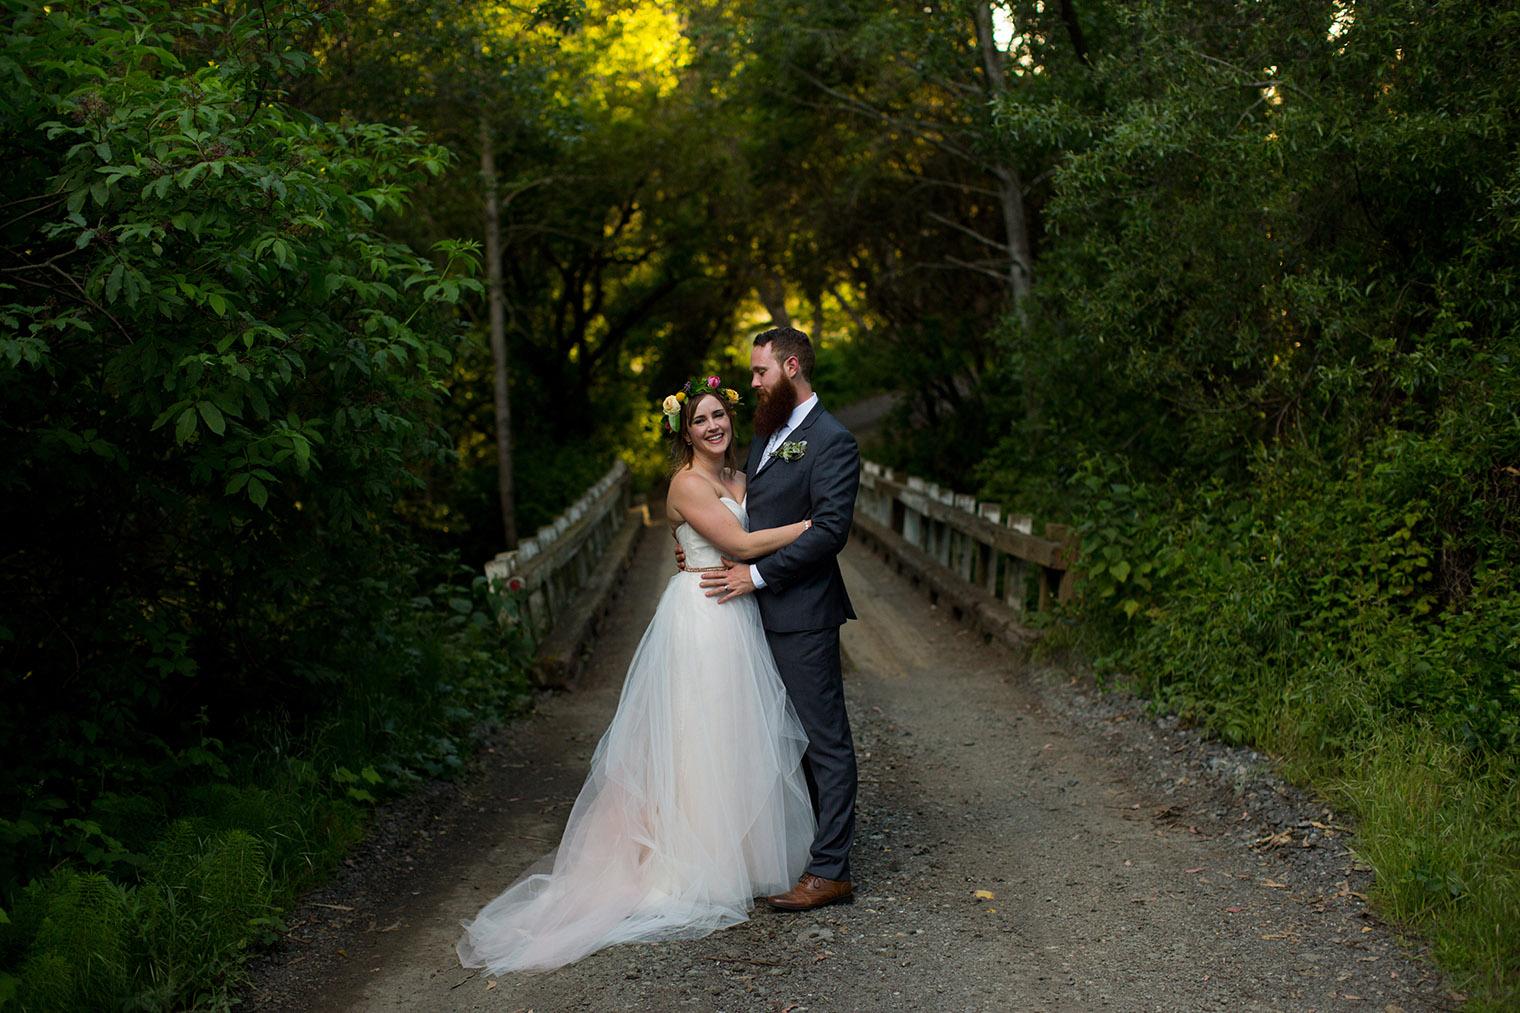 ovy camp wedding couple photos